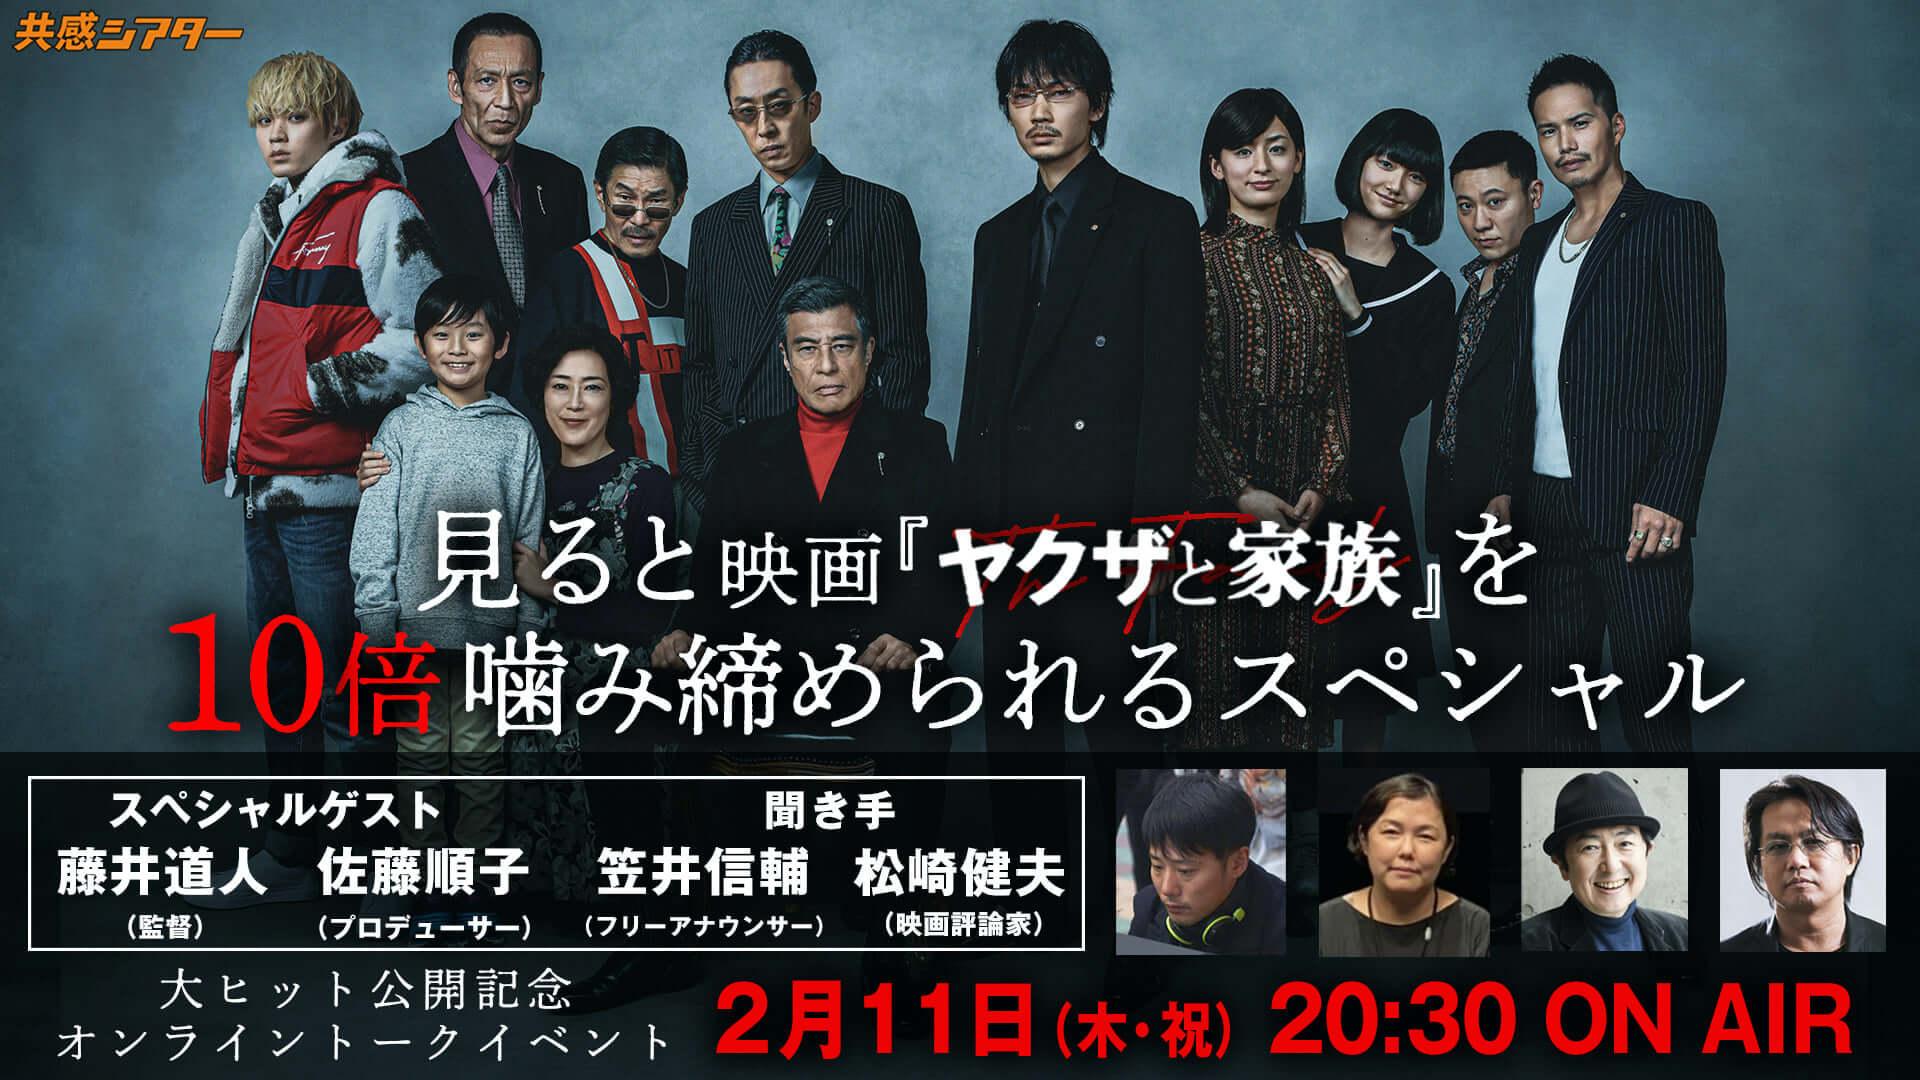 綾野剛主演『ヤクザと家族 The Family』の特番が「共感シアター」より配信決定!撮影で使用されたレアアイテムのプレゼント企画も実施 film210208_yakuzatokazoku_5-1920x1080